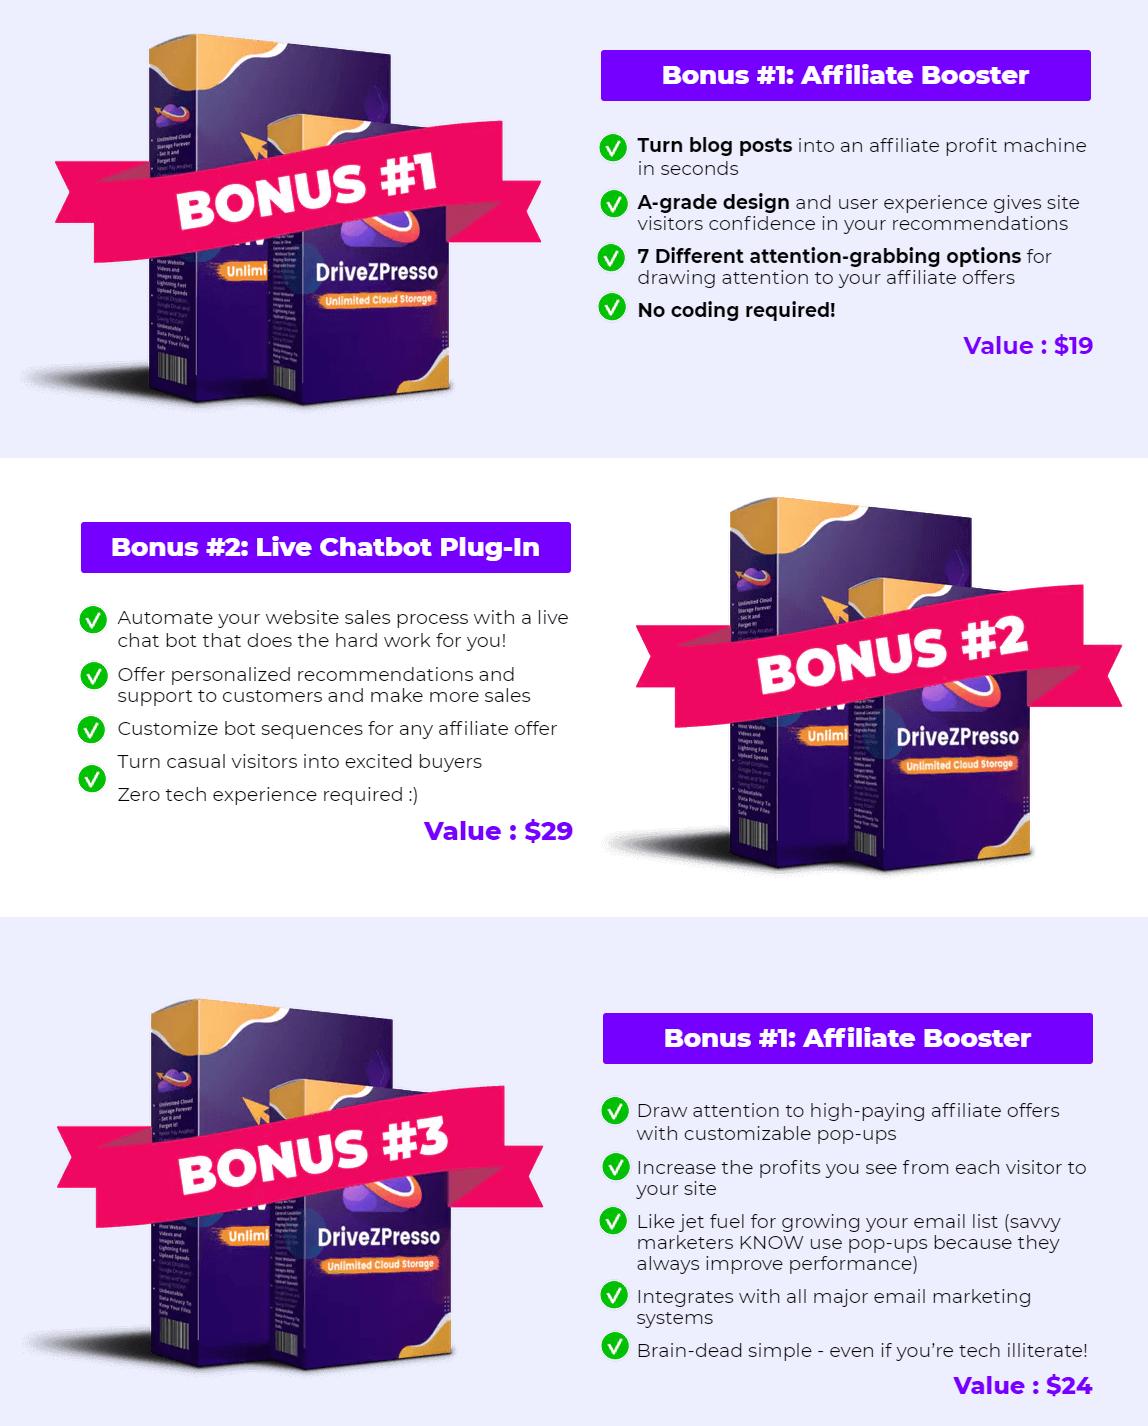 DriveZPresso-bonus